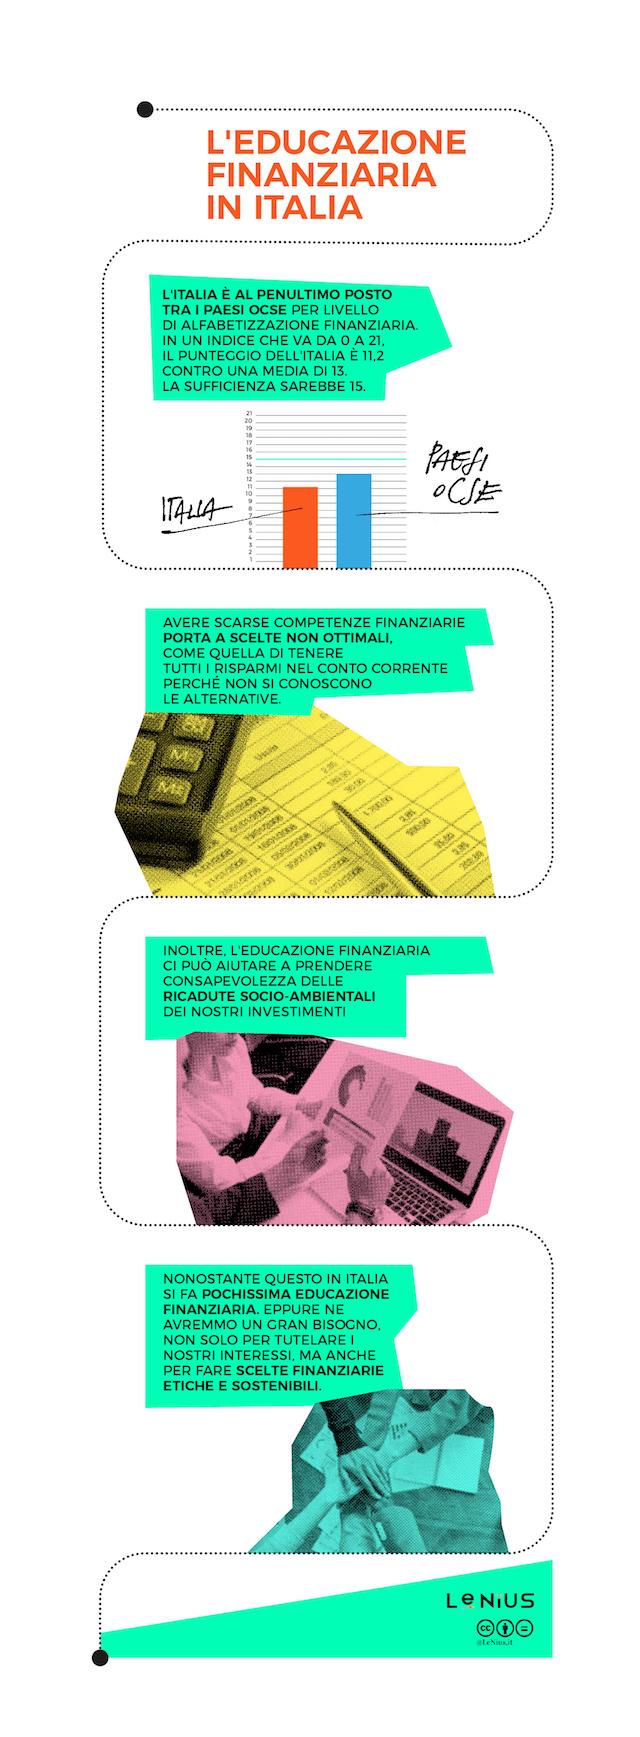 educazione finanziaria in italia